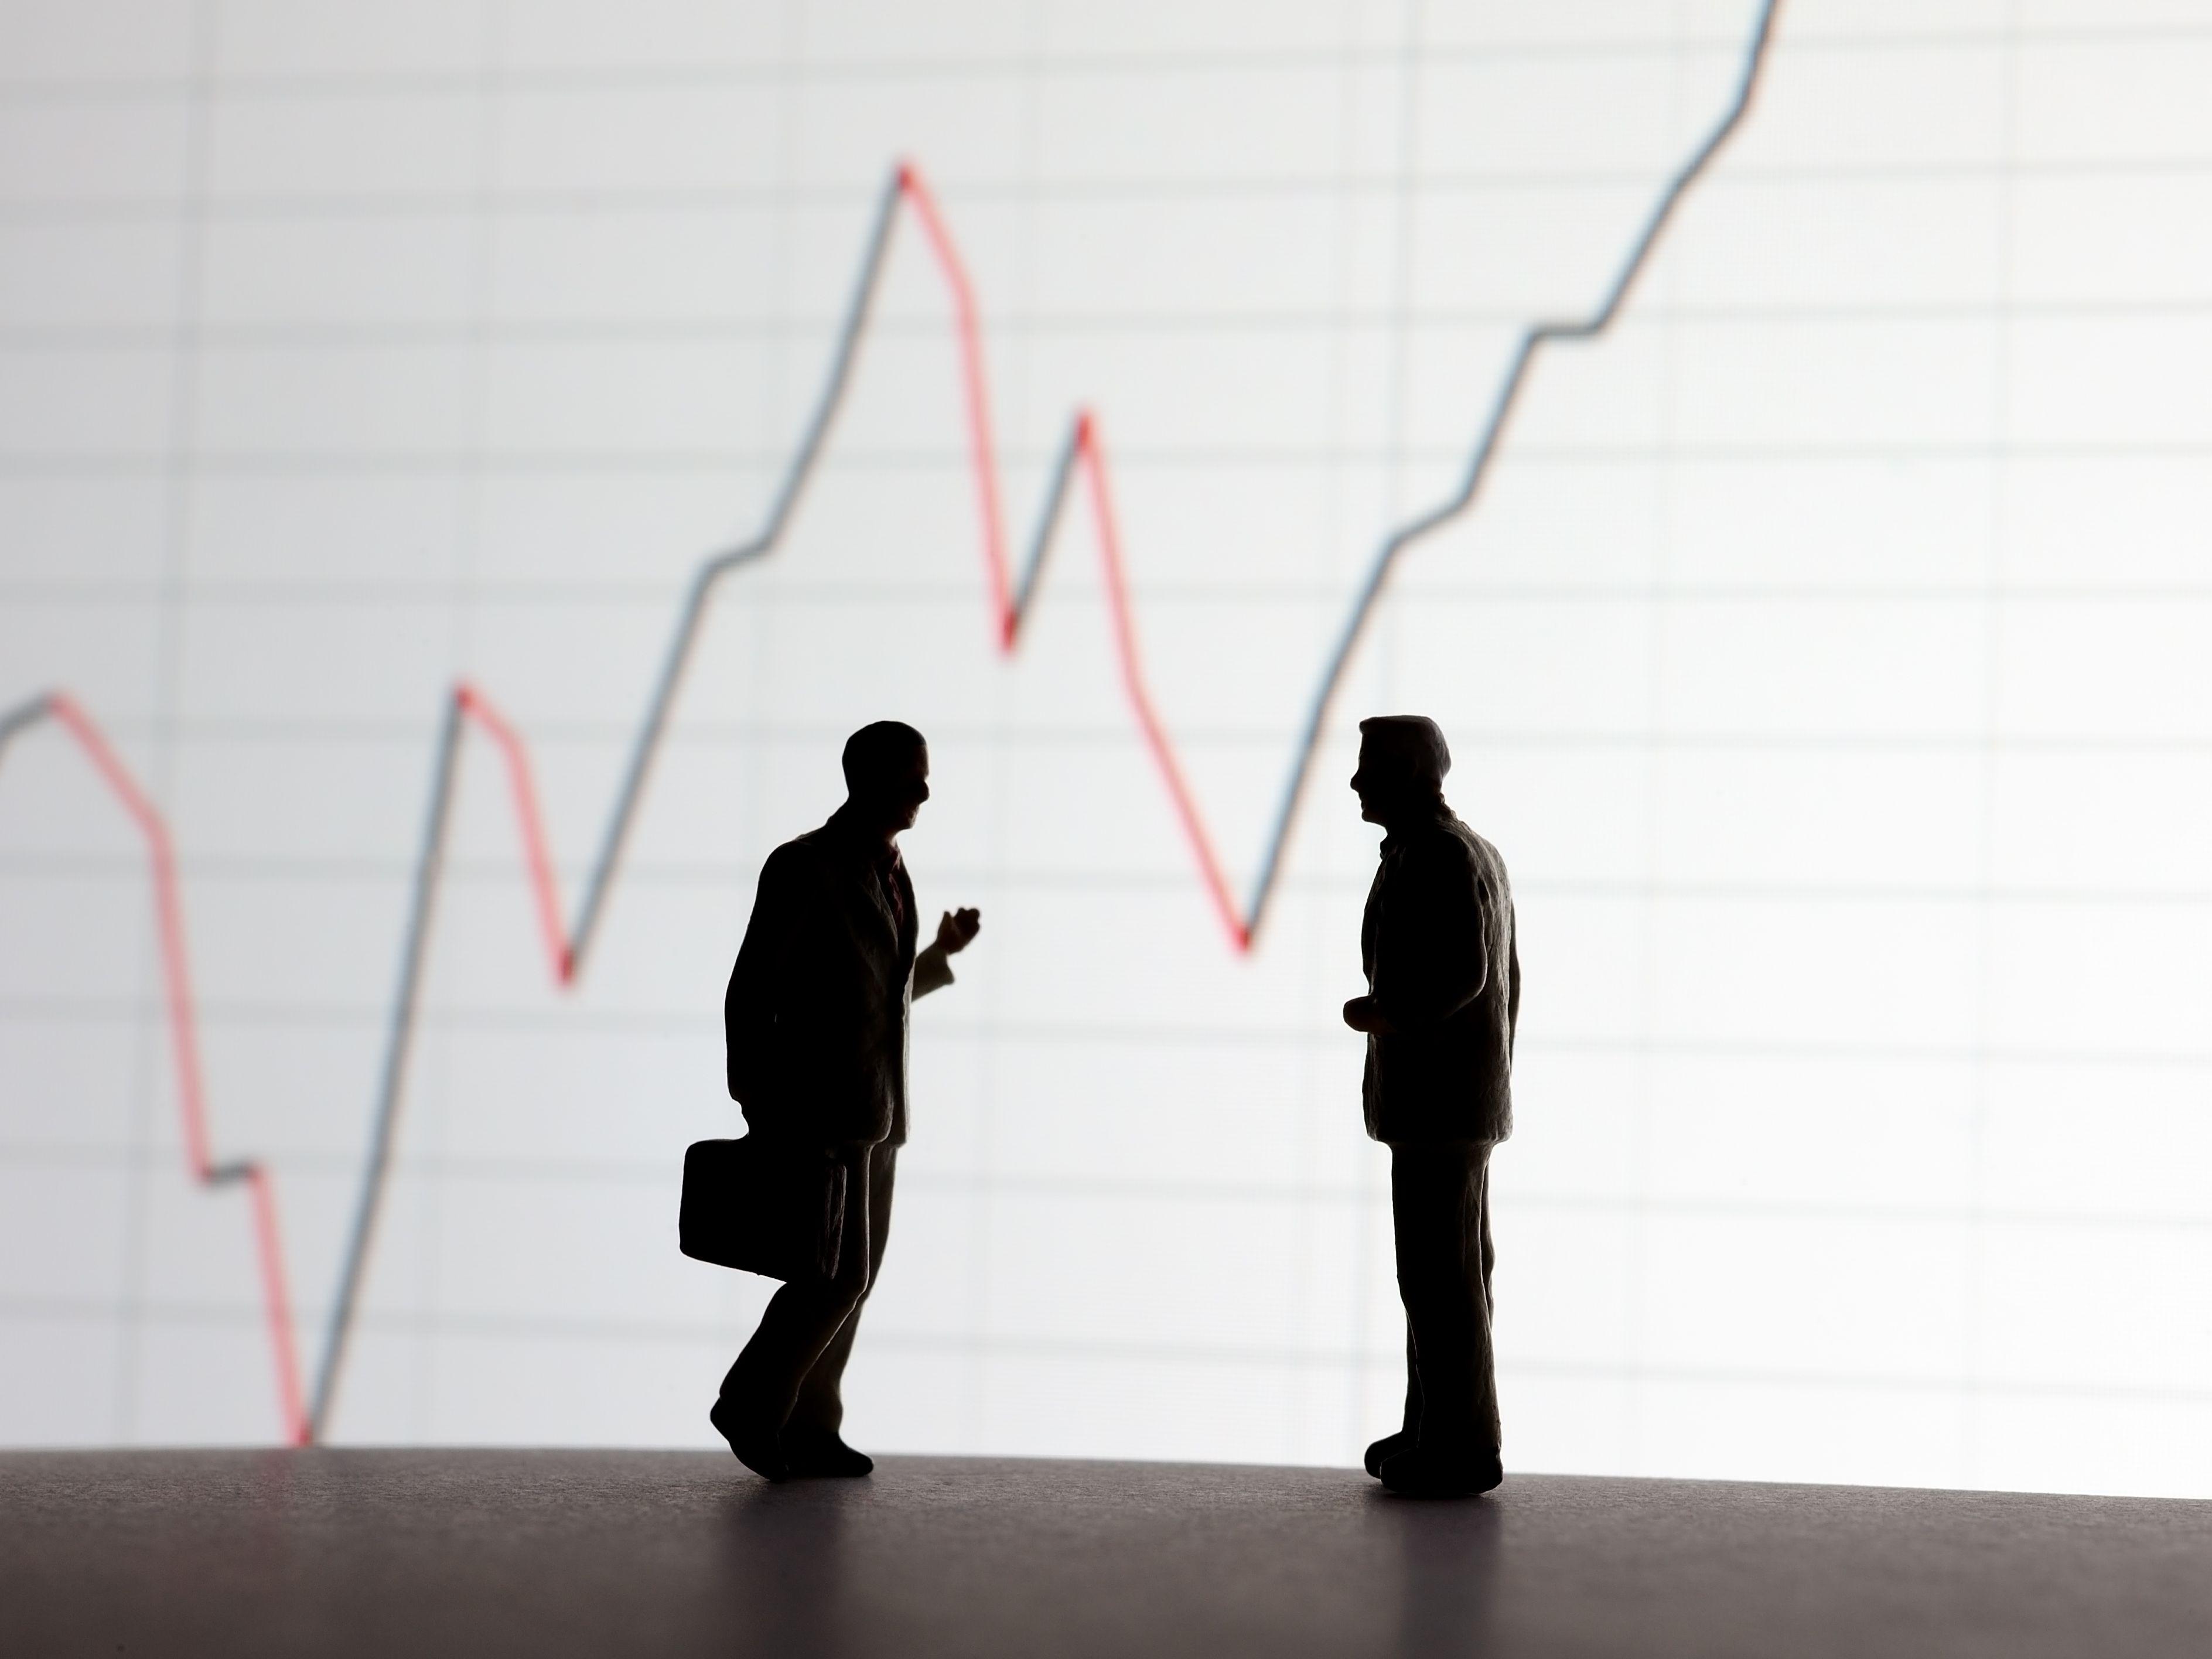 Τελικά, τί είμαστε; Επενδυτές, συναλλασσόμενοι, ή κερδοσκόποι;